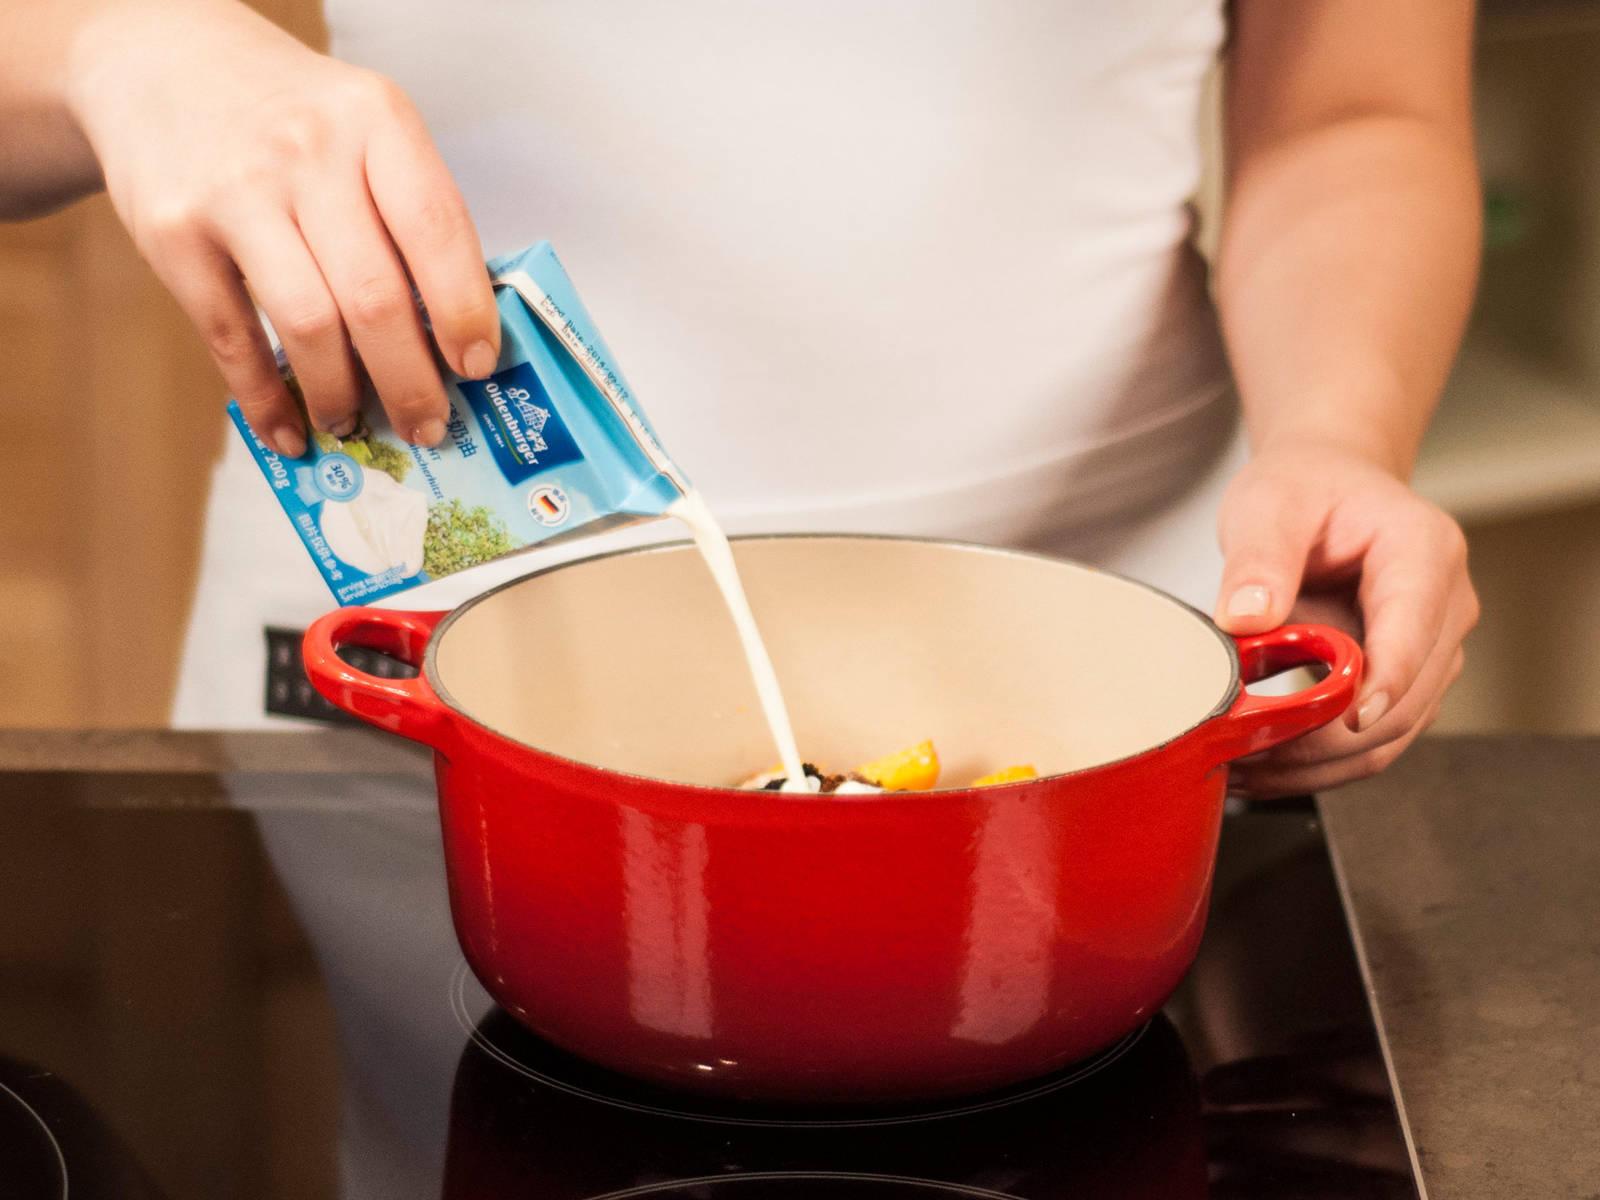 向一只大锅中加入南瓜、糖、剩余的盐、香料和稀奶油,煮沸,然后调至低温,加盖后继续煮20分钟左右至南瓜变软。期间不时搅拌。